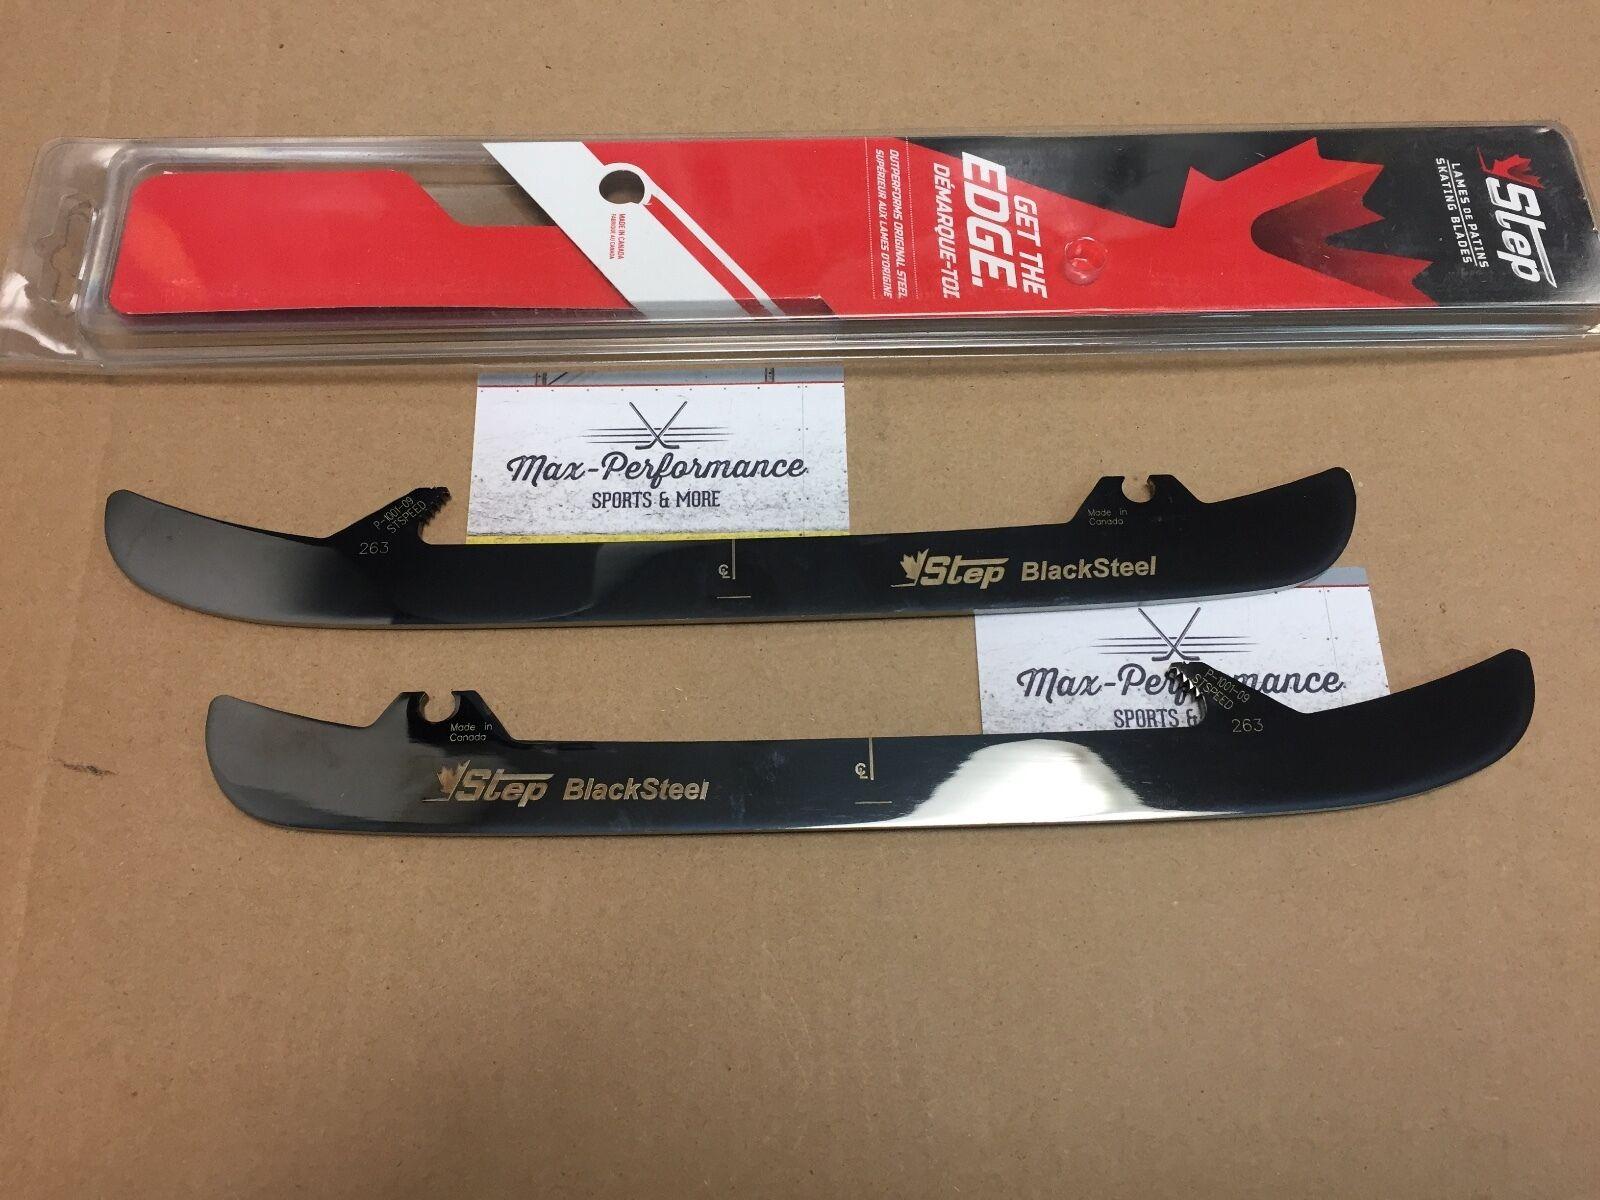 Step Steel Blacksteel Bauer Lightspeed Skate Runners! Blades